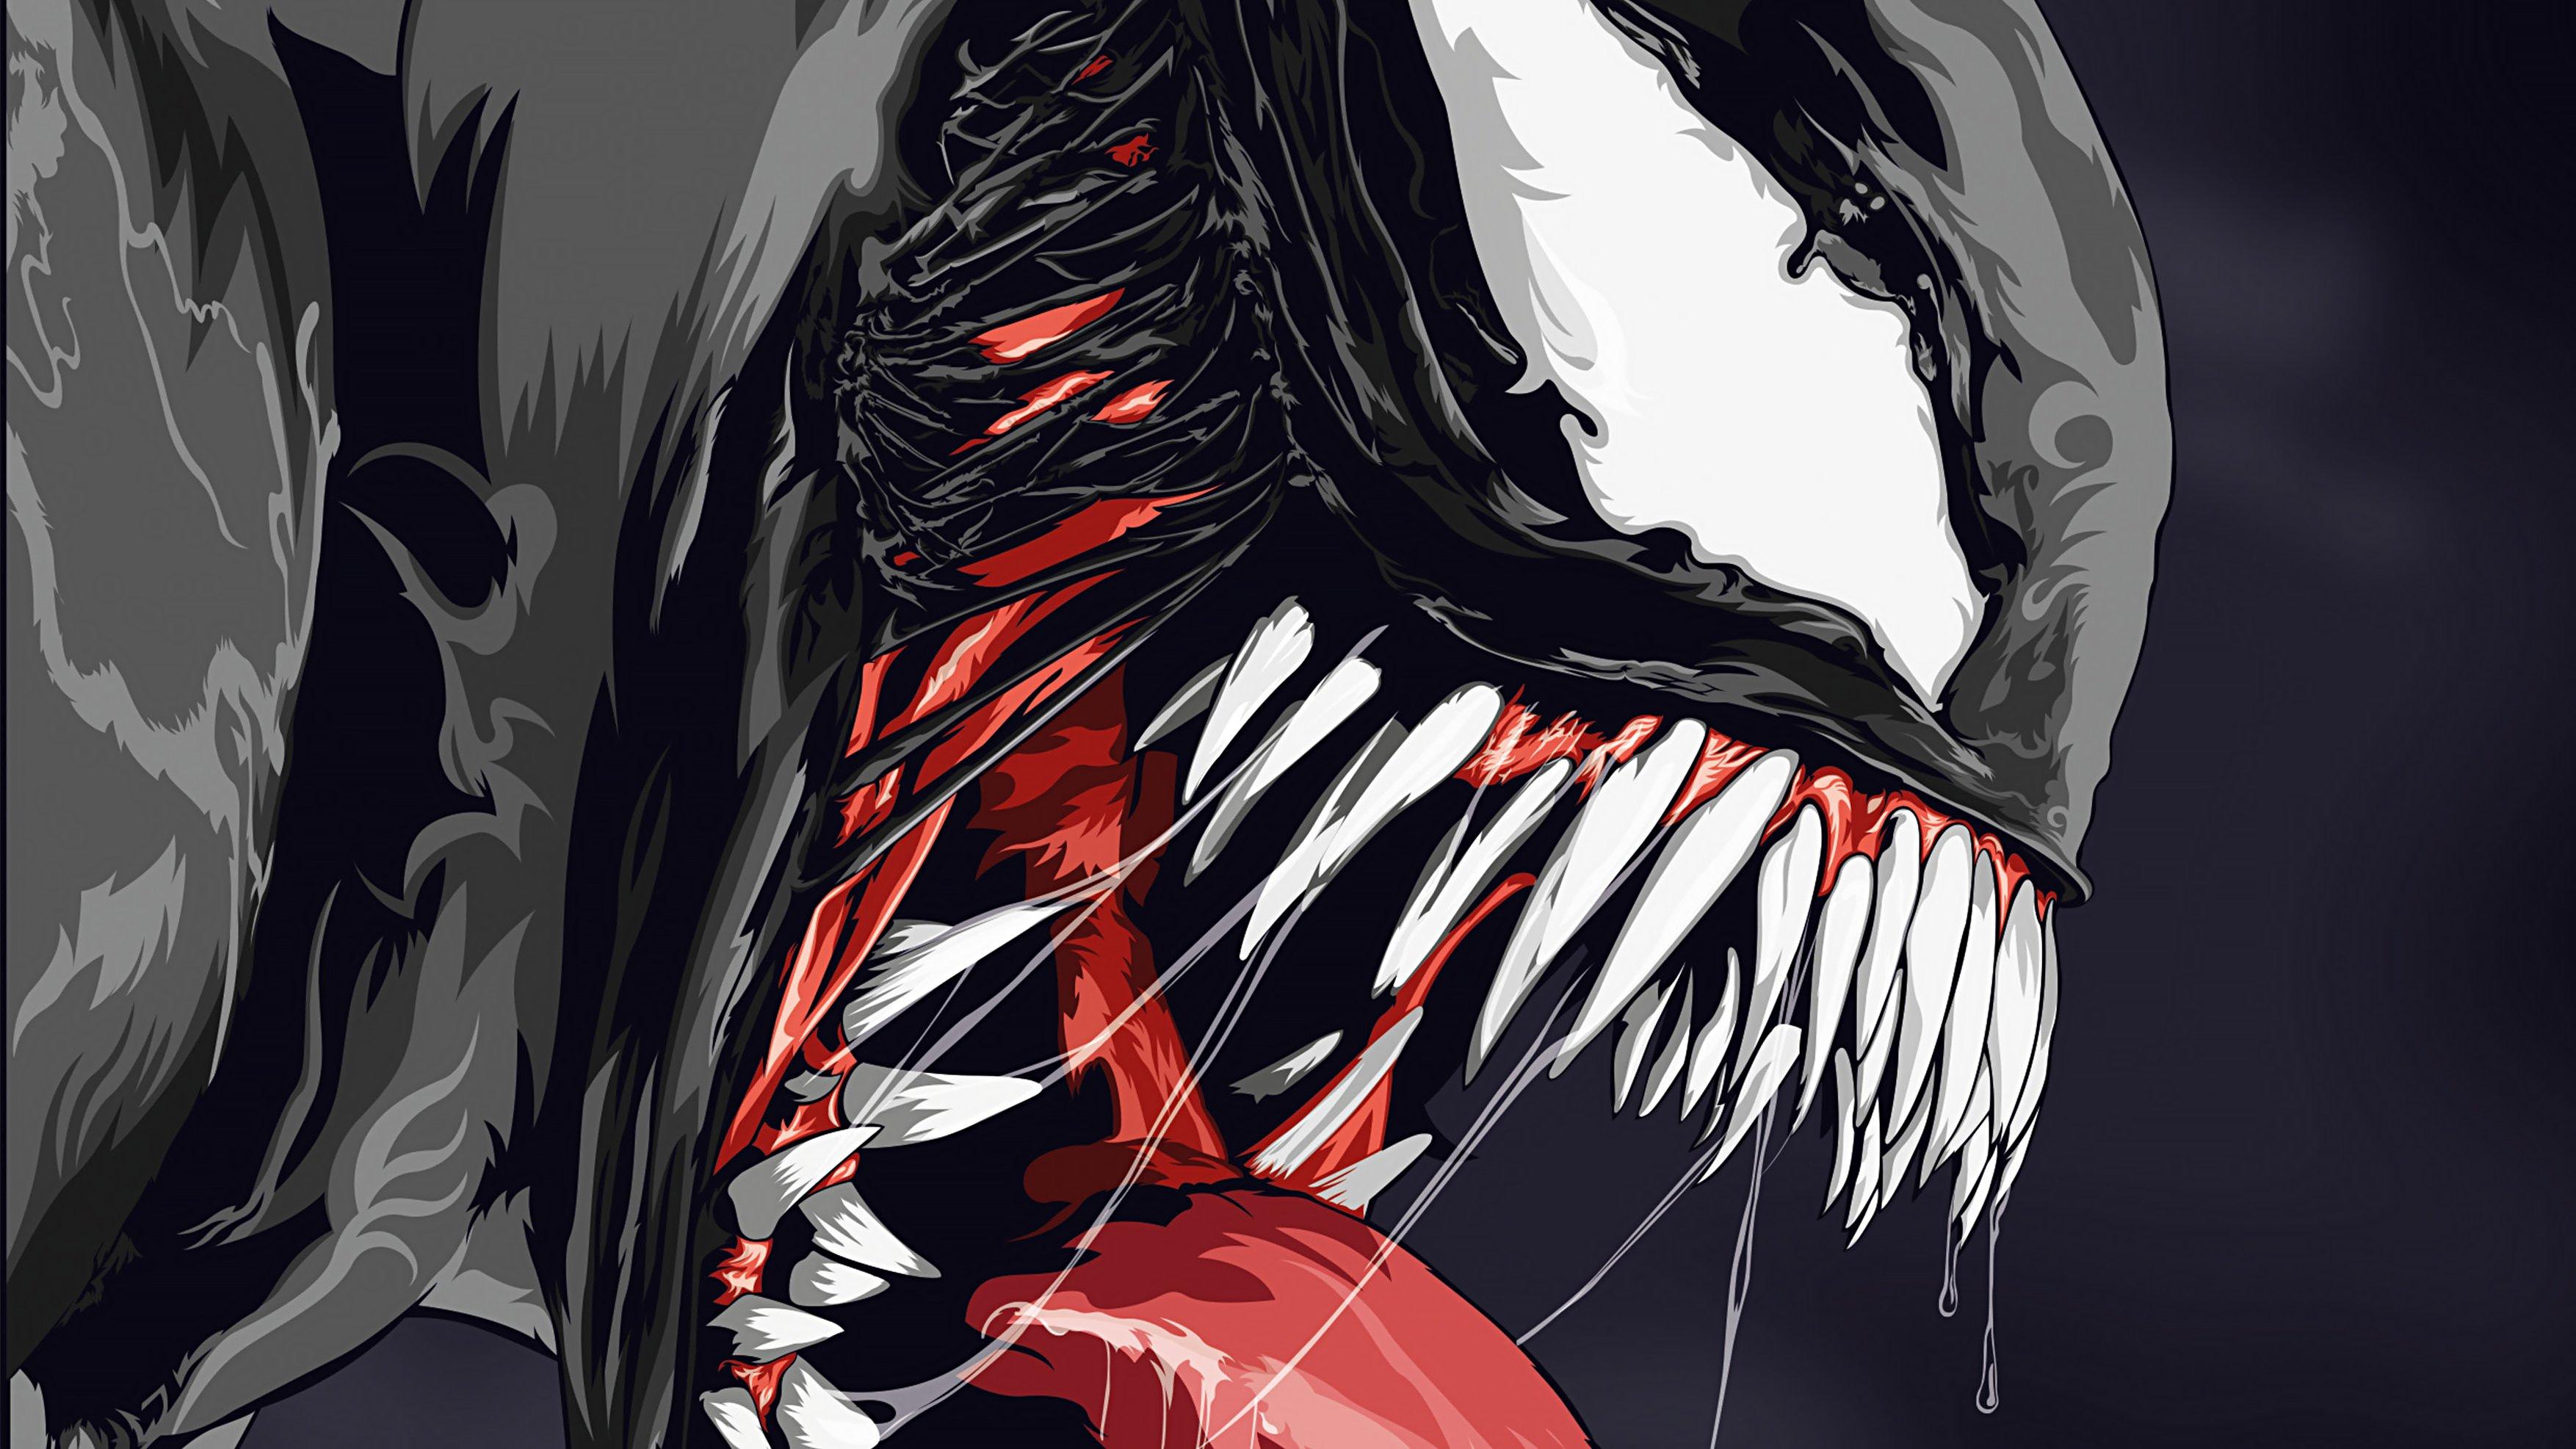 Wallpaper Venom illustration Artwork